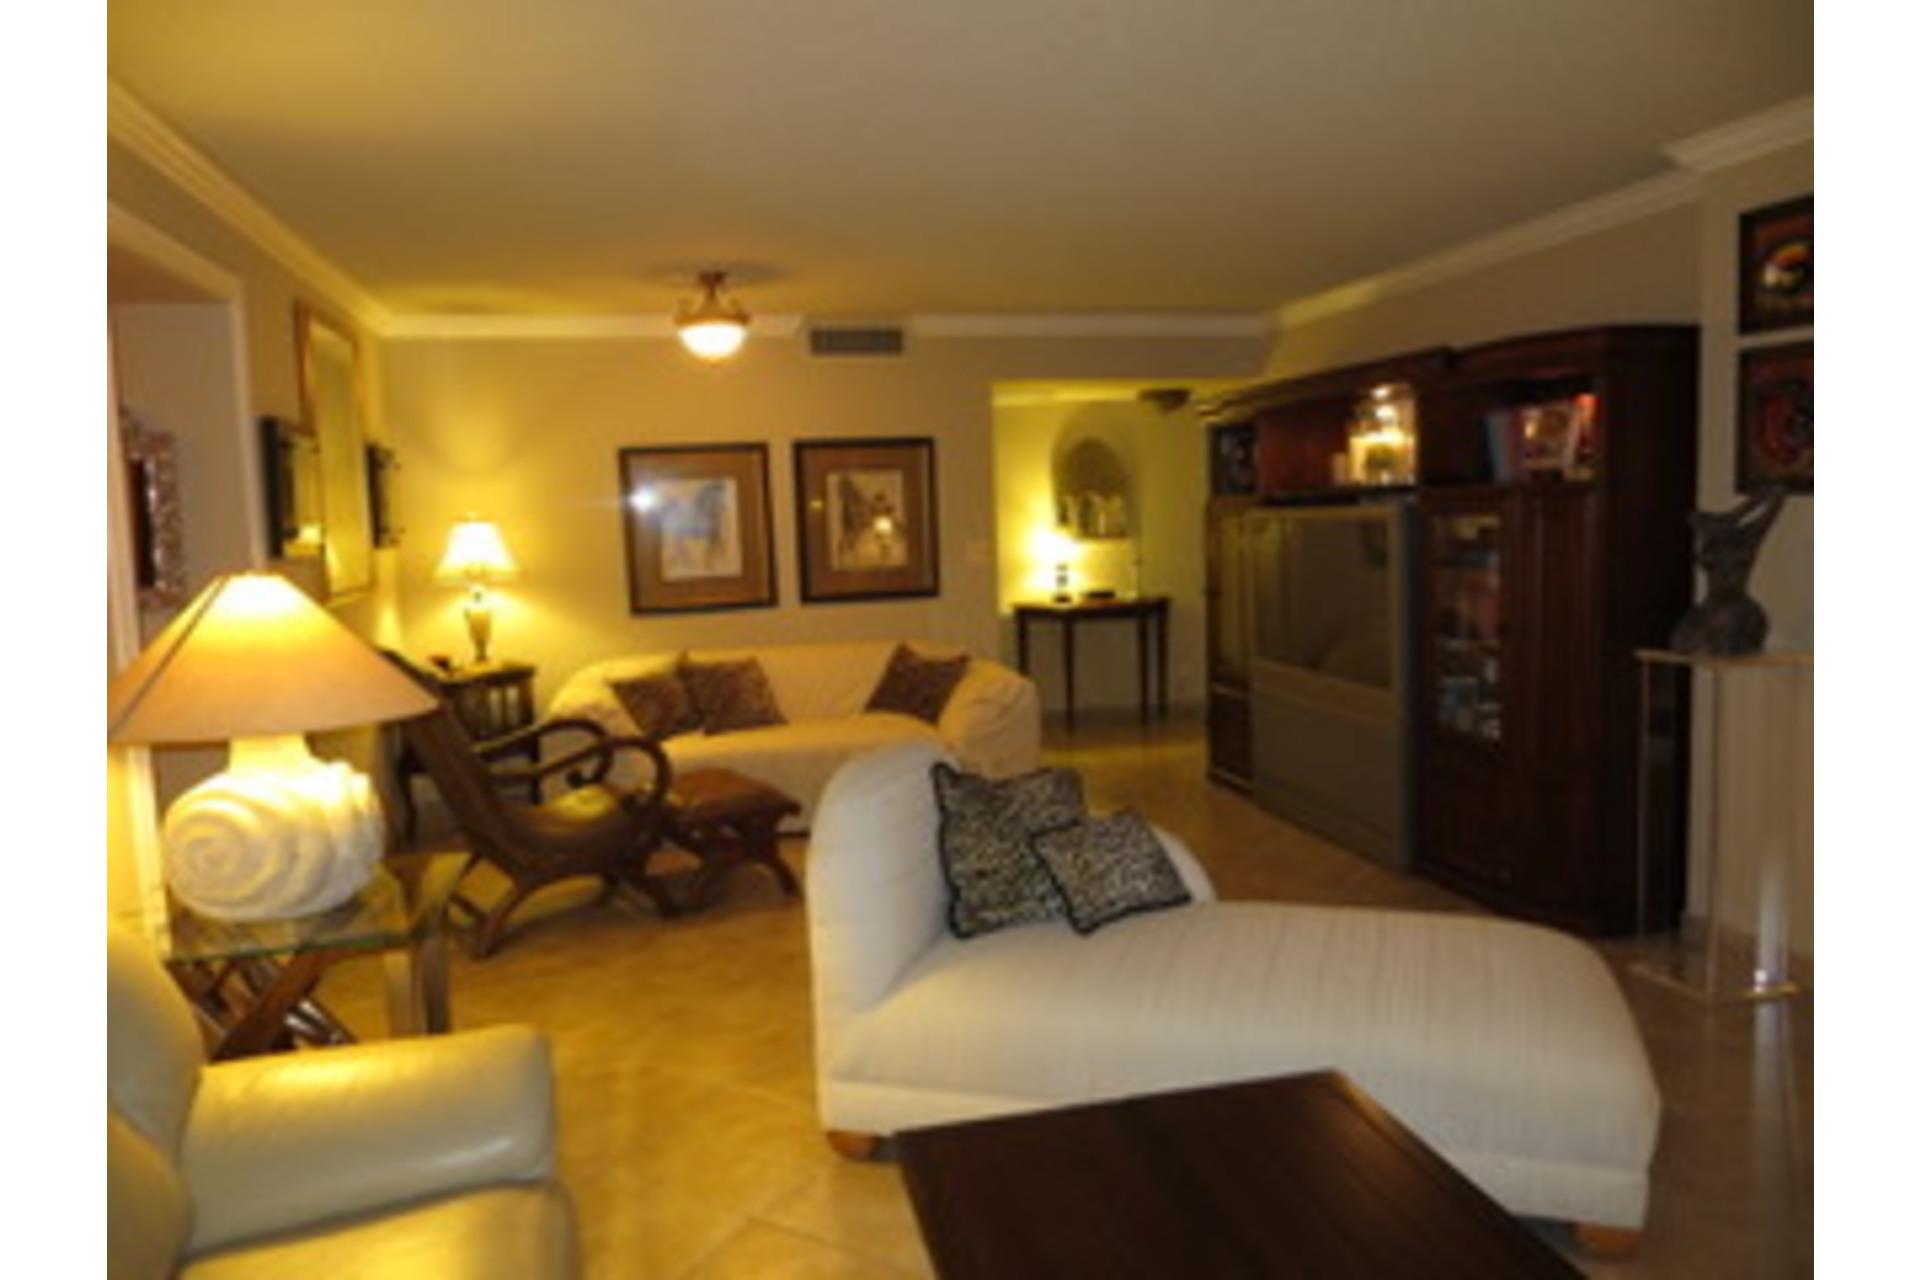 image 15 - Condo Short rental Hallandale Beach - 6 rooms